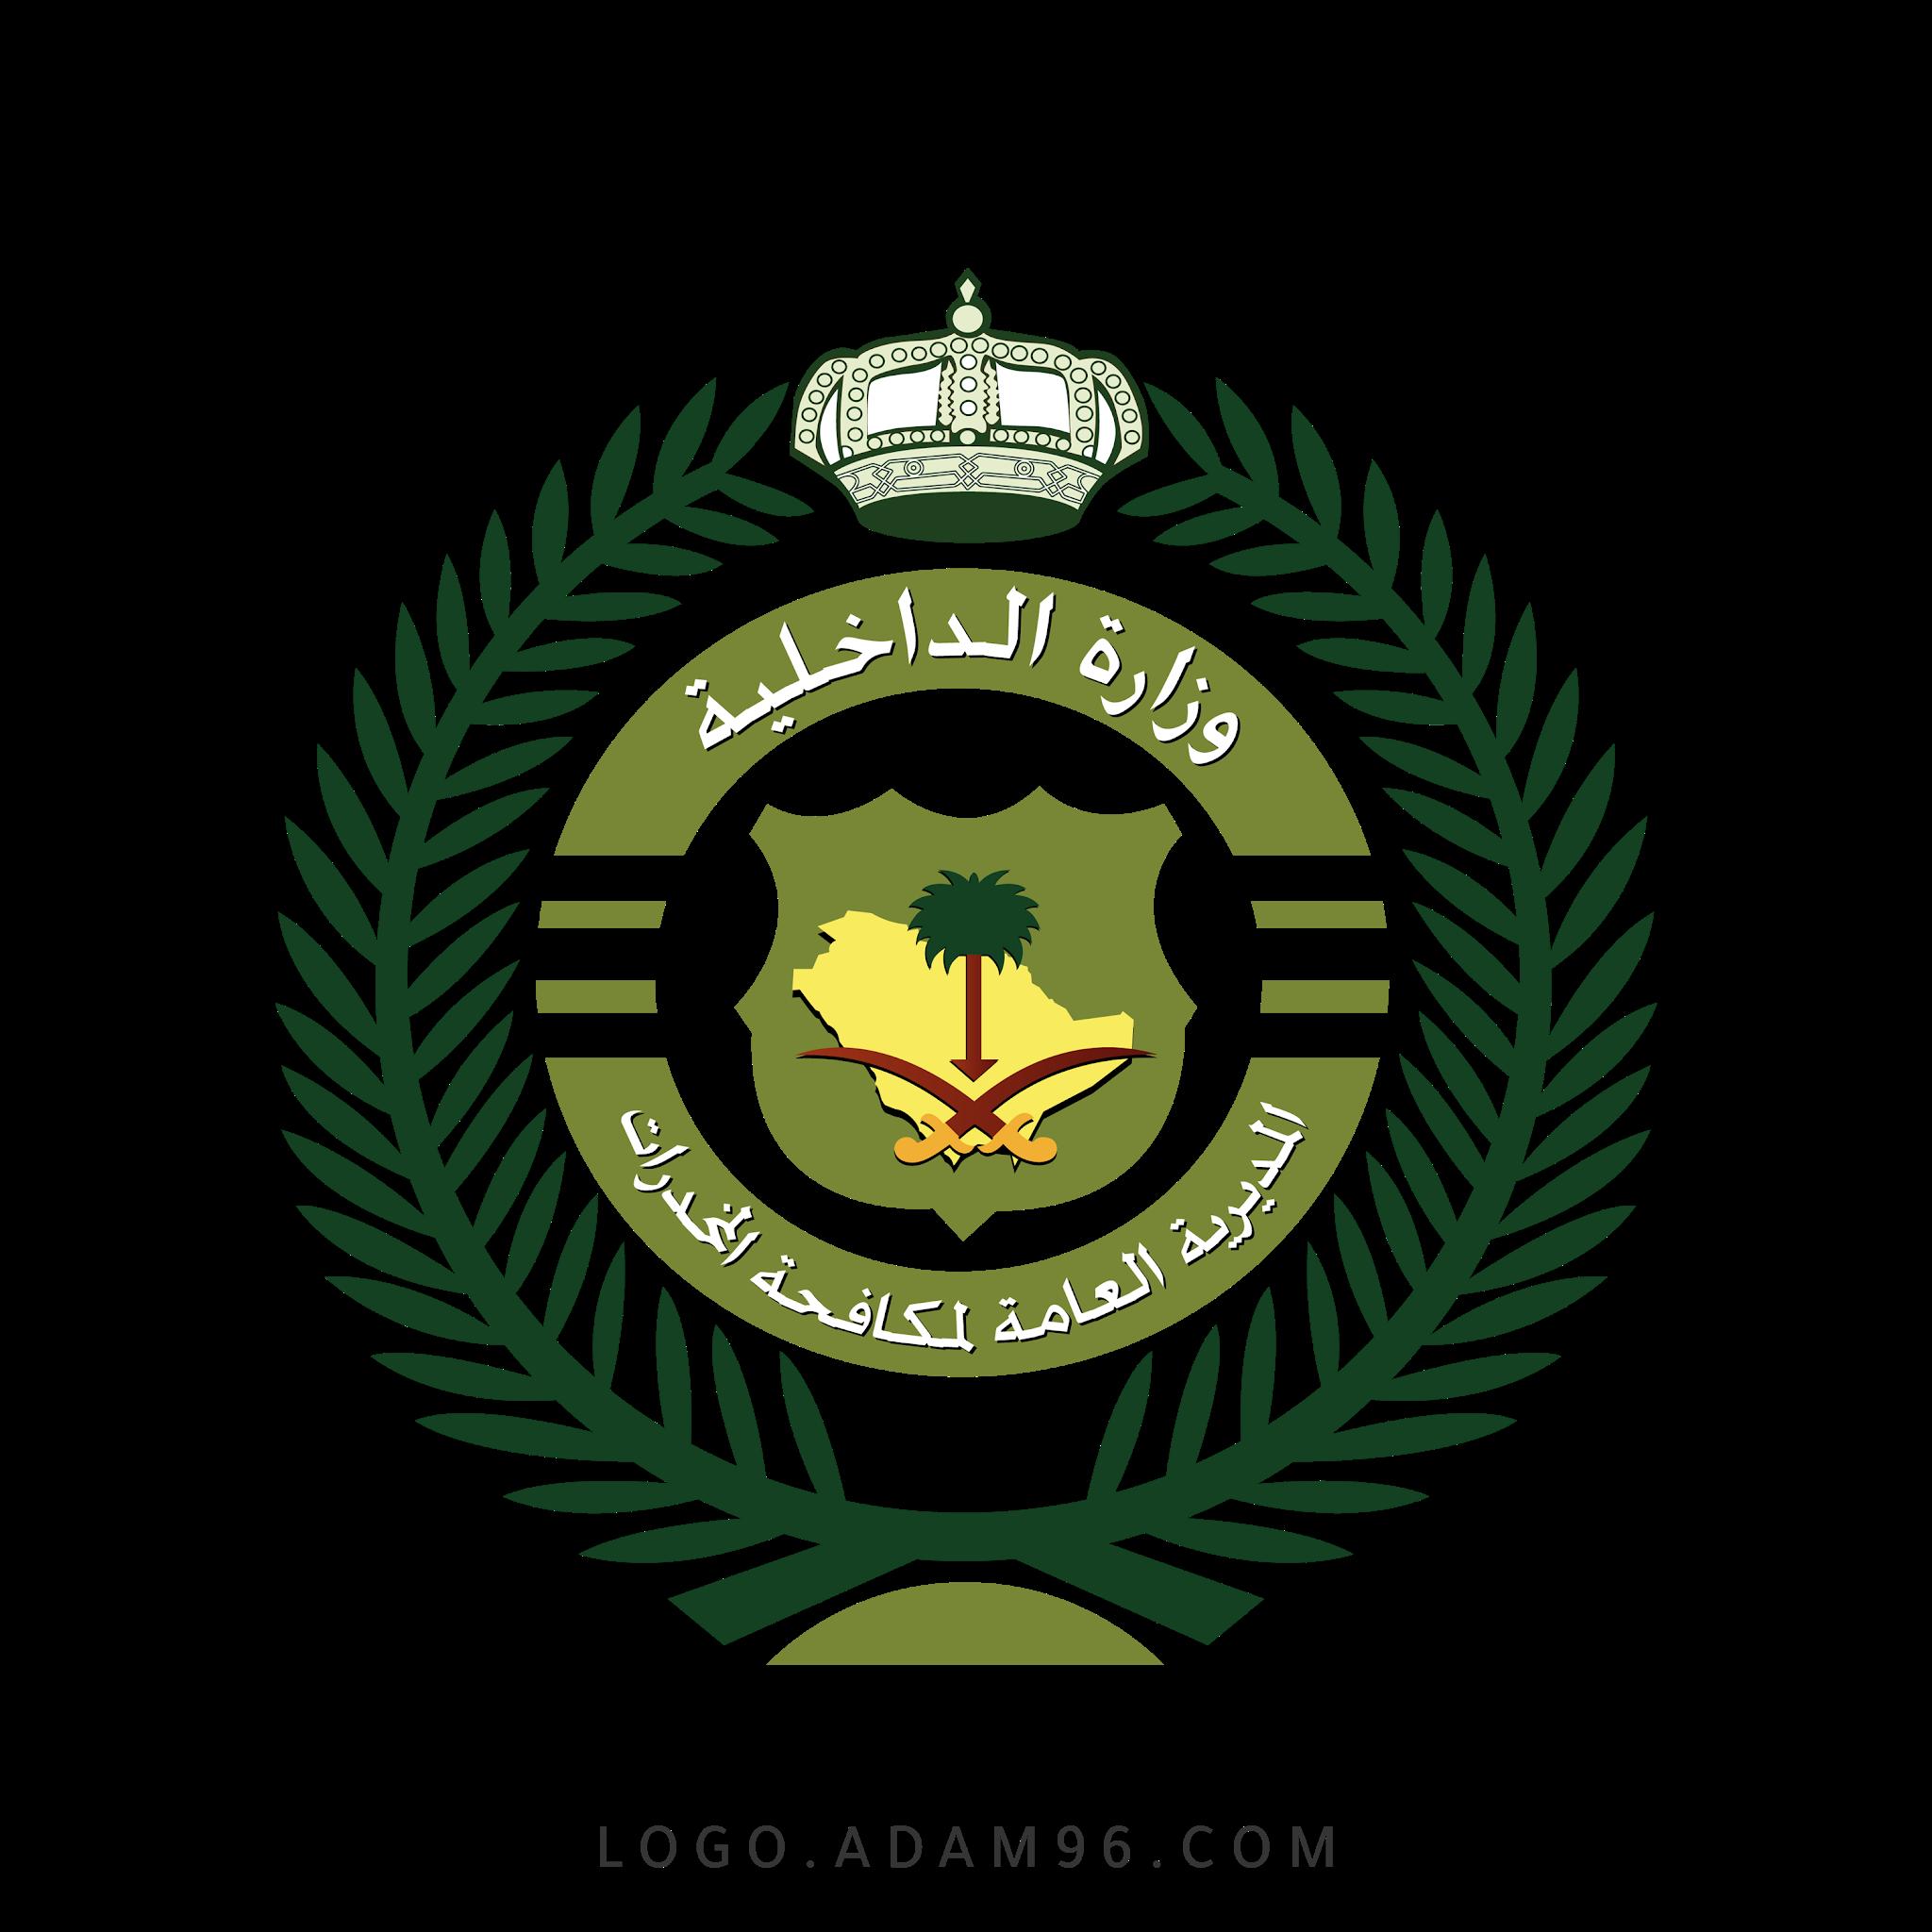 تحميل شعار المديرية العامة لمكافحة المخدرات السعودية لوجو رسمي عالي الجودة PNG